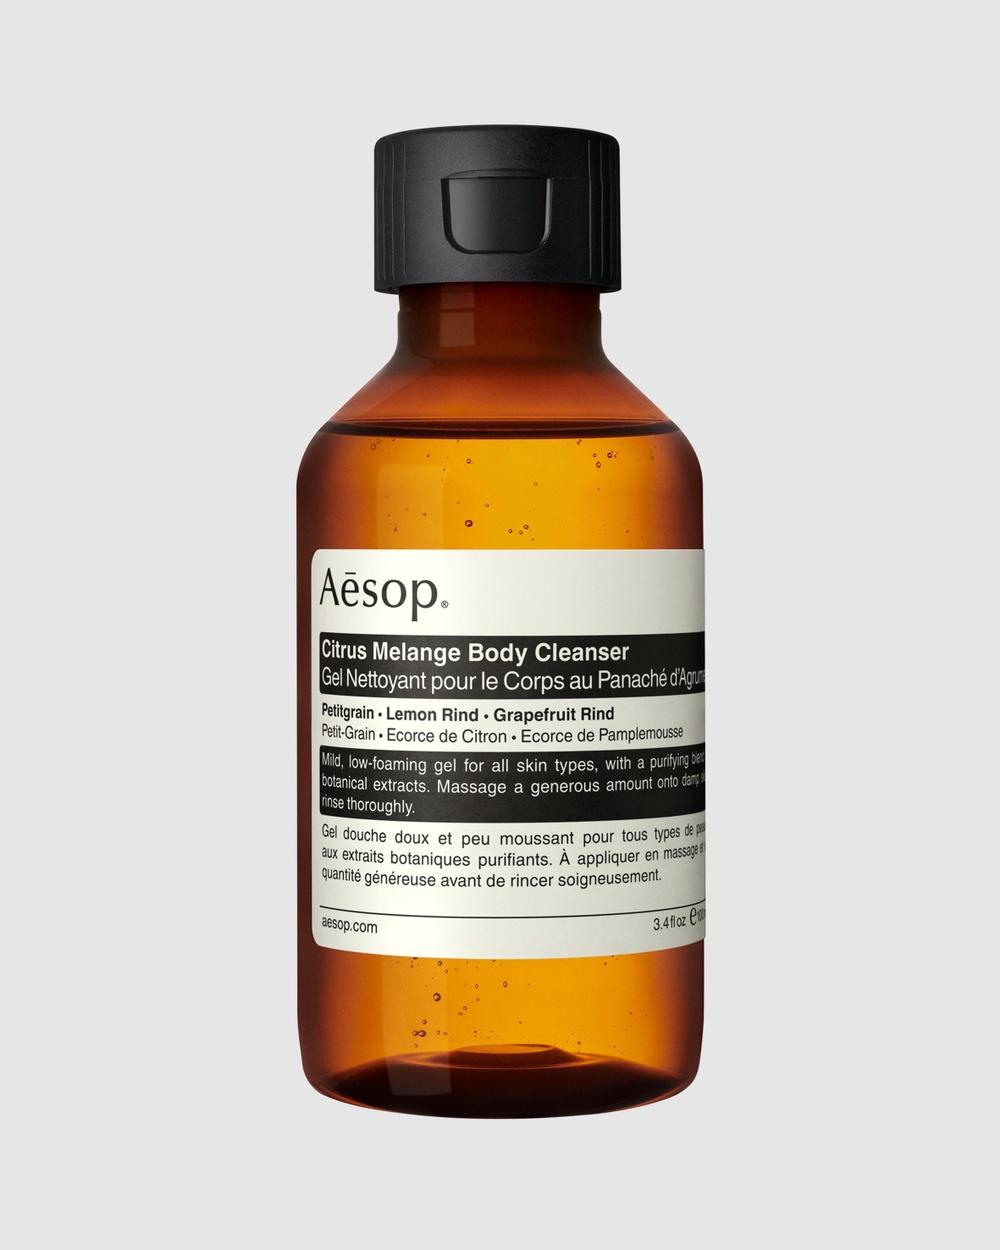 Aesop Citrus Melange Body Cleanser 100mL Beauty 100mL